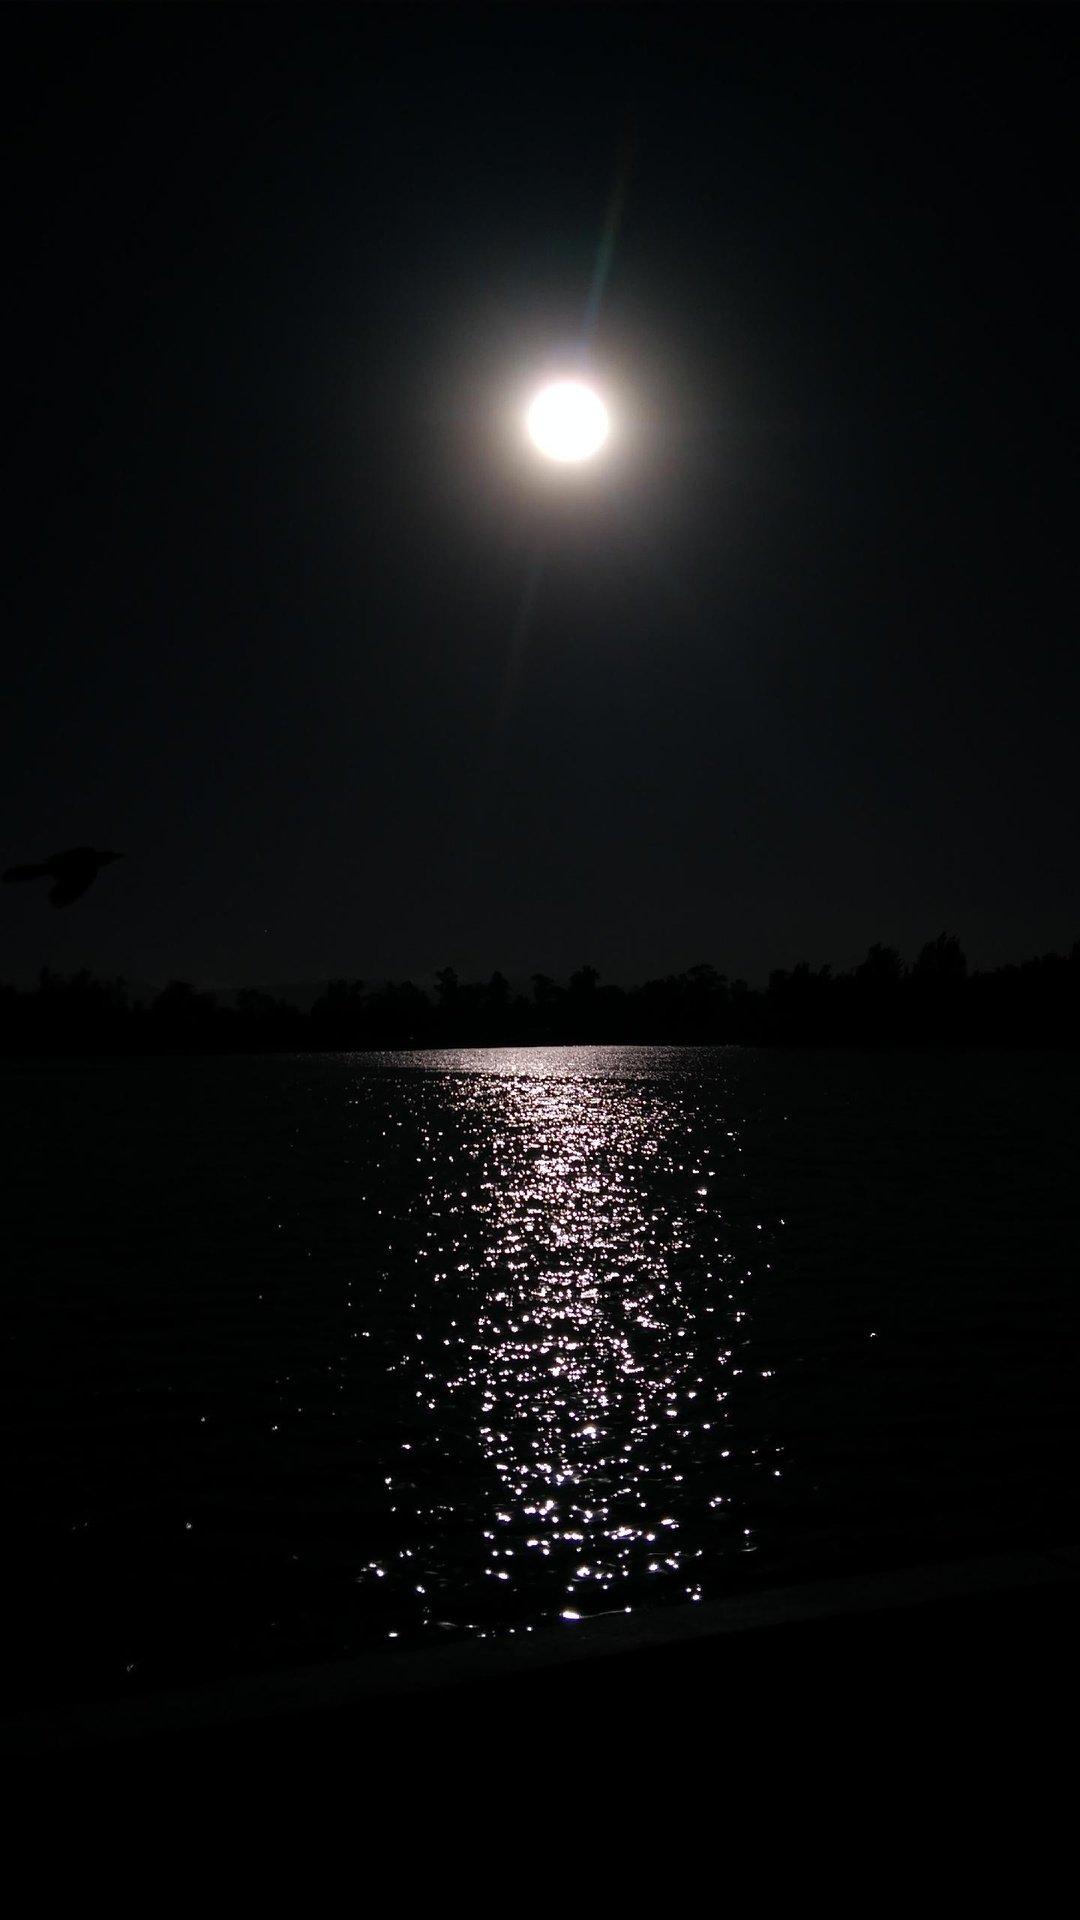 خلفيات سوداء حزينة ليل Hd مربع